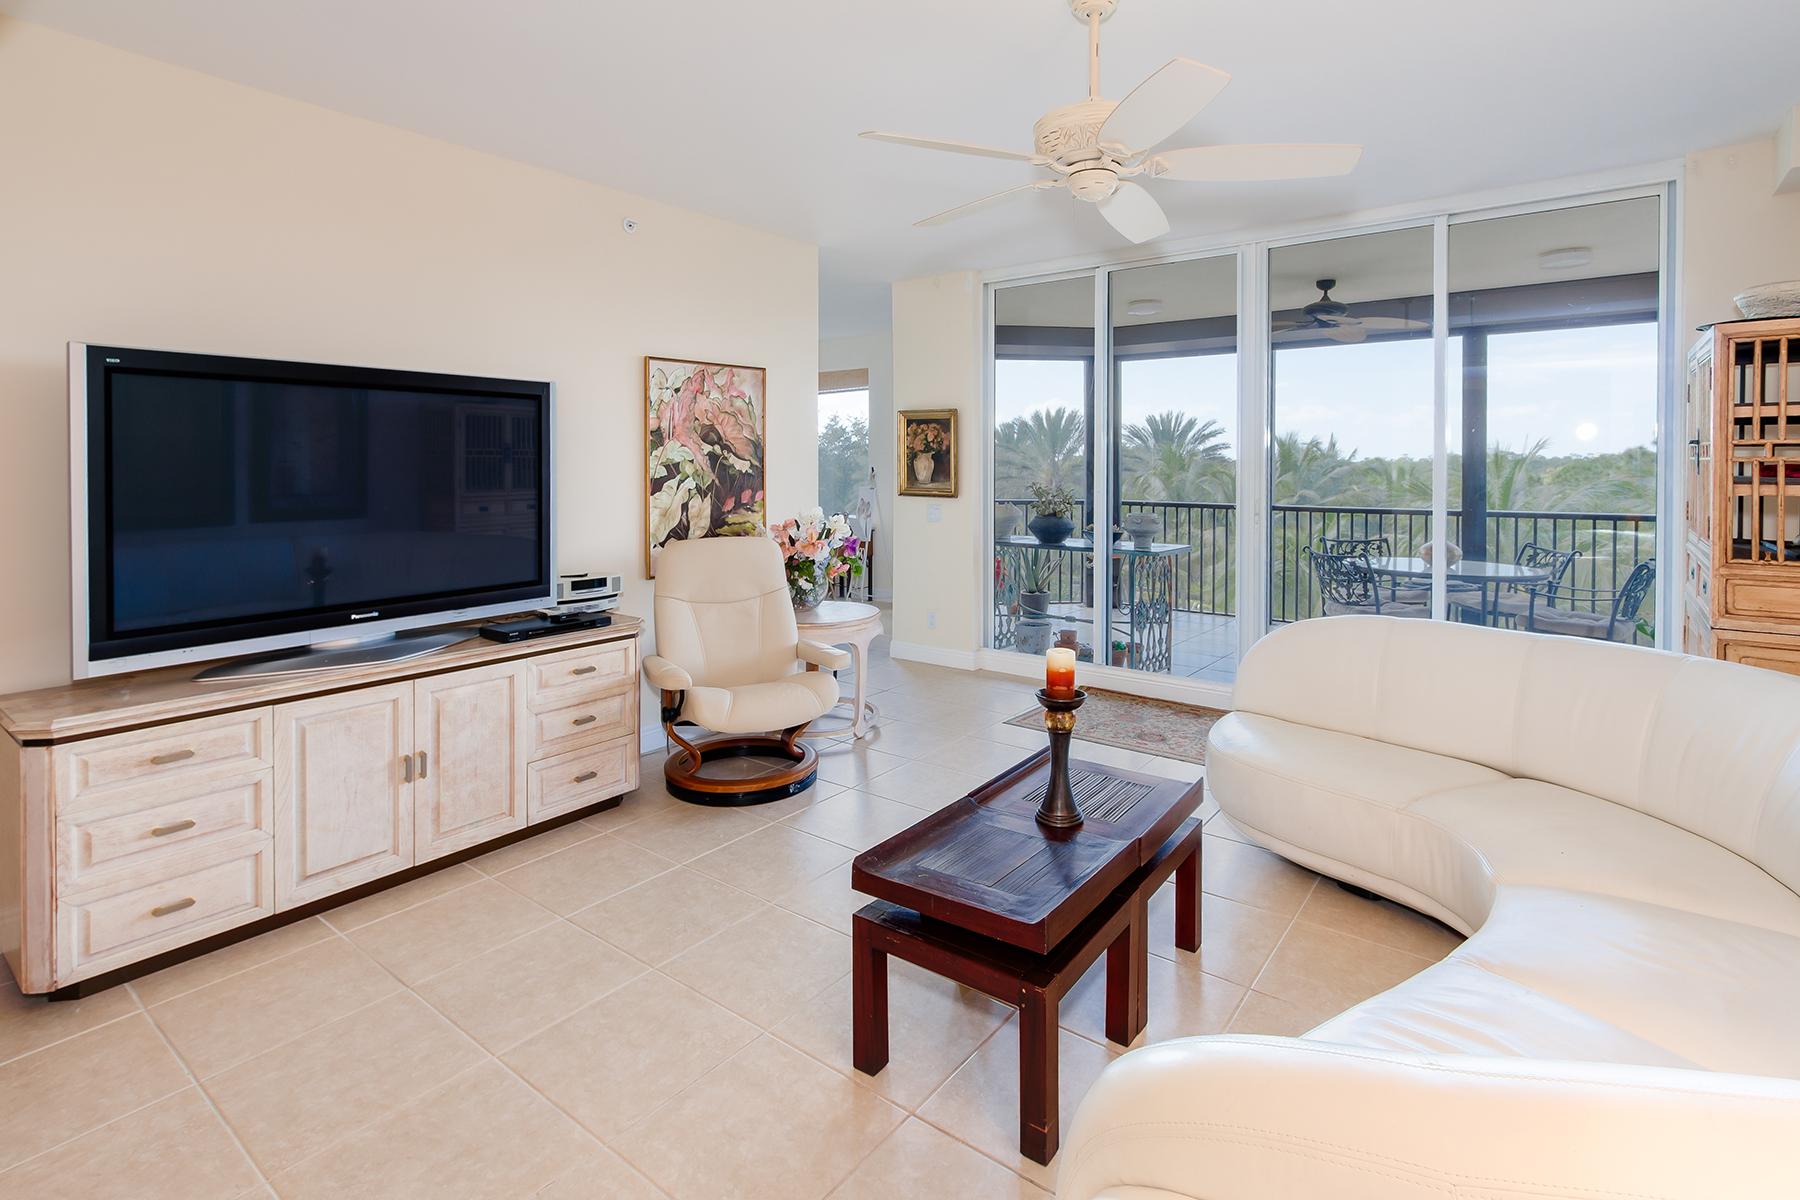 Appartement en copropriété pour l Vente à THE COLONY AT PELICAN LANDING - SORRENTO 23650 Via Veneto Blvd 302 Bonita Springs, Florida, 34134 États-Unis